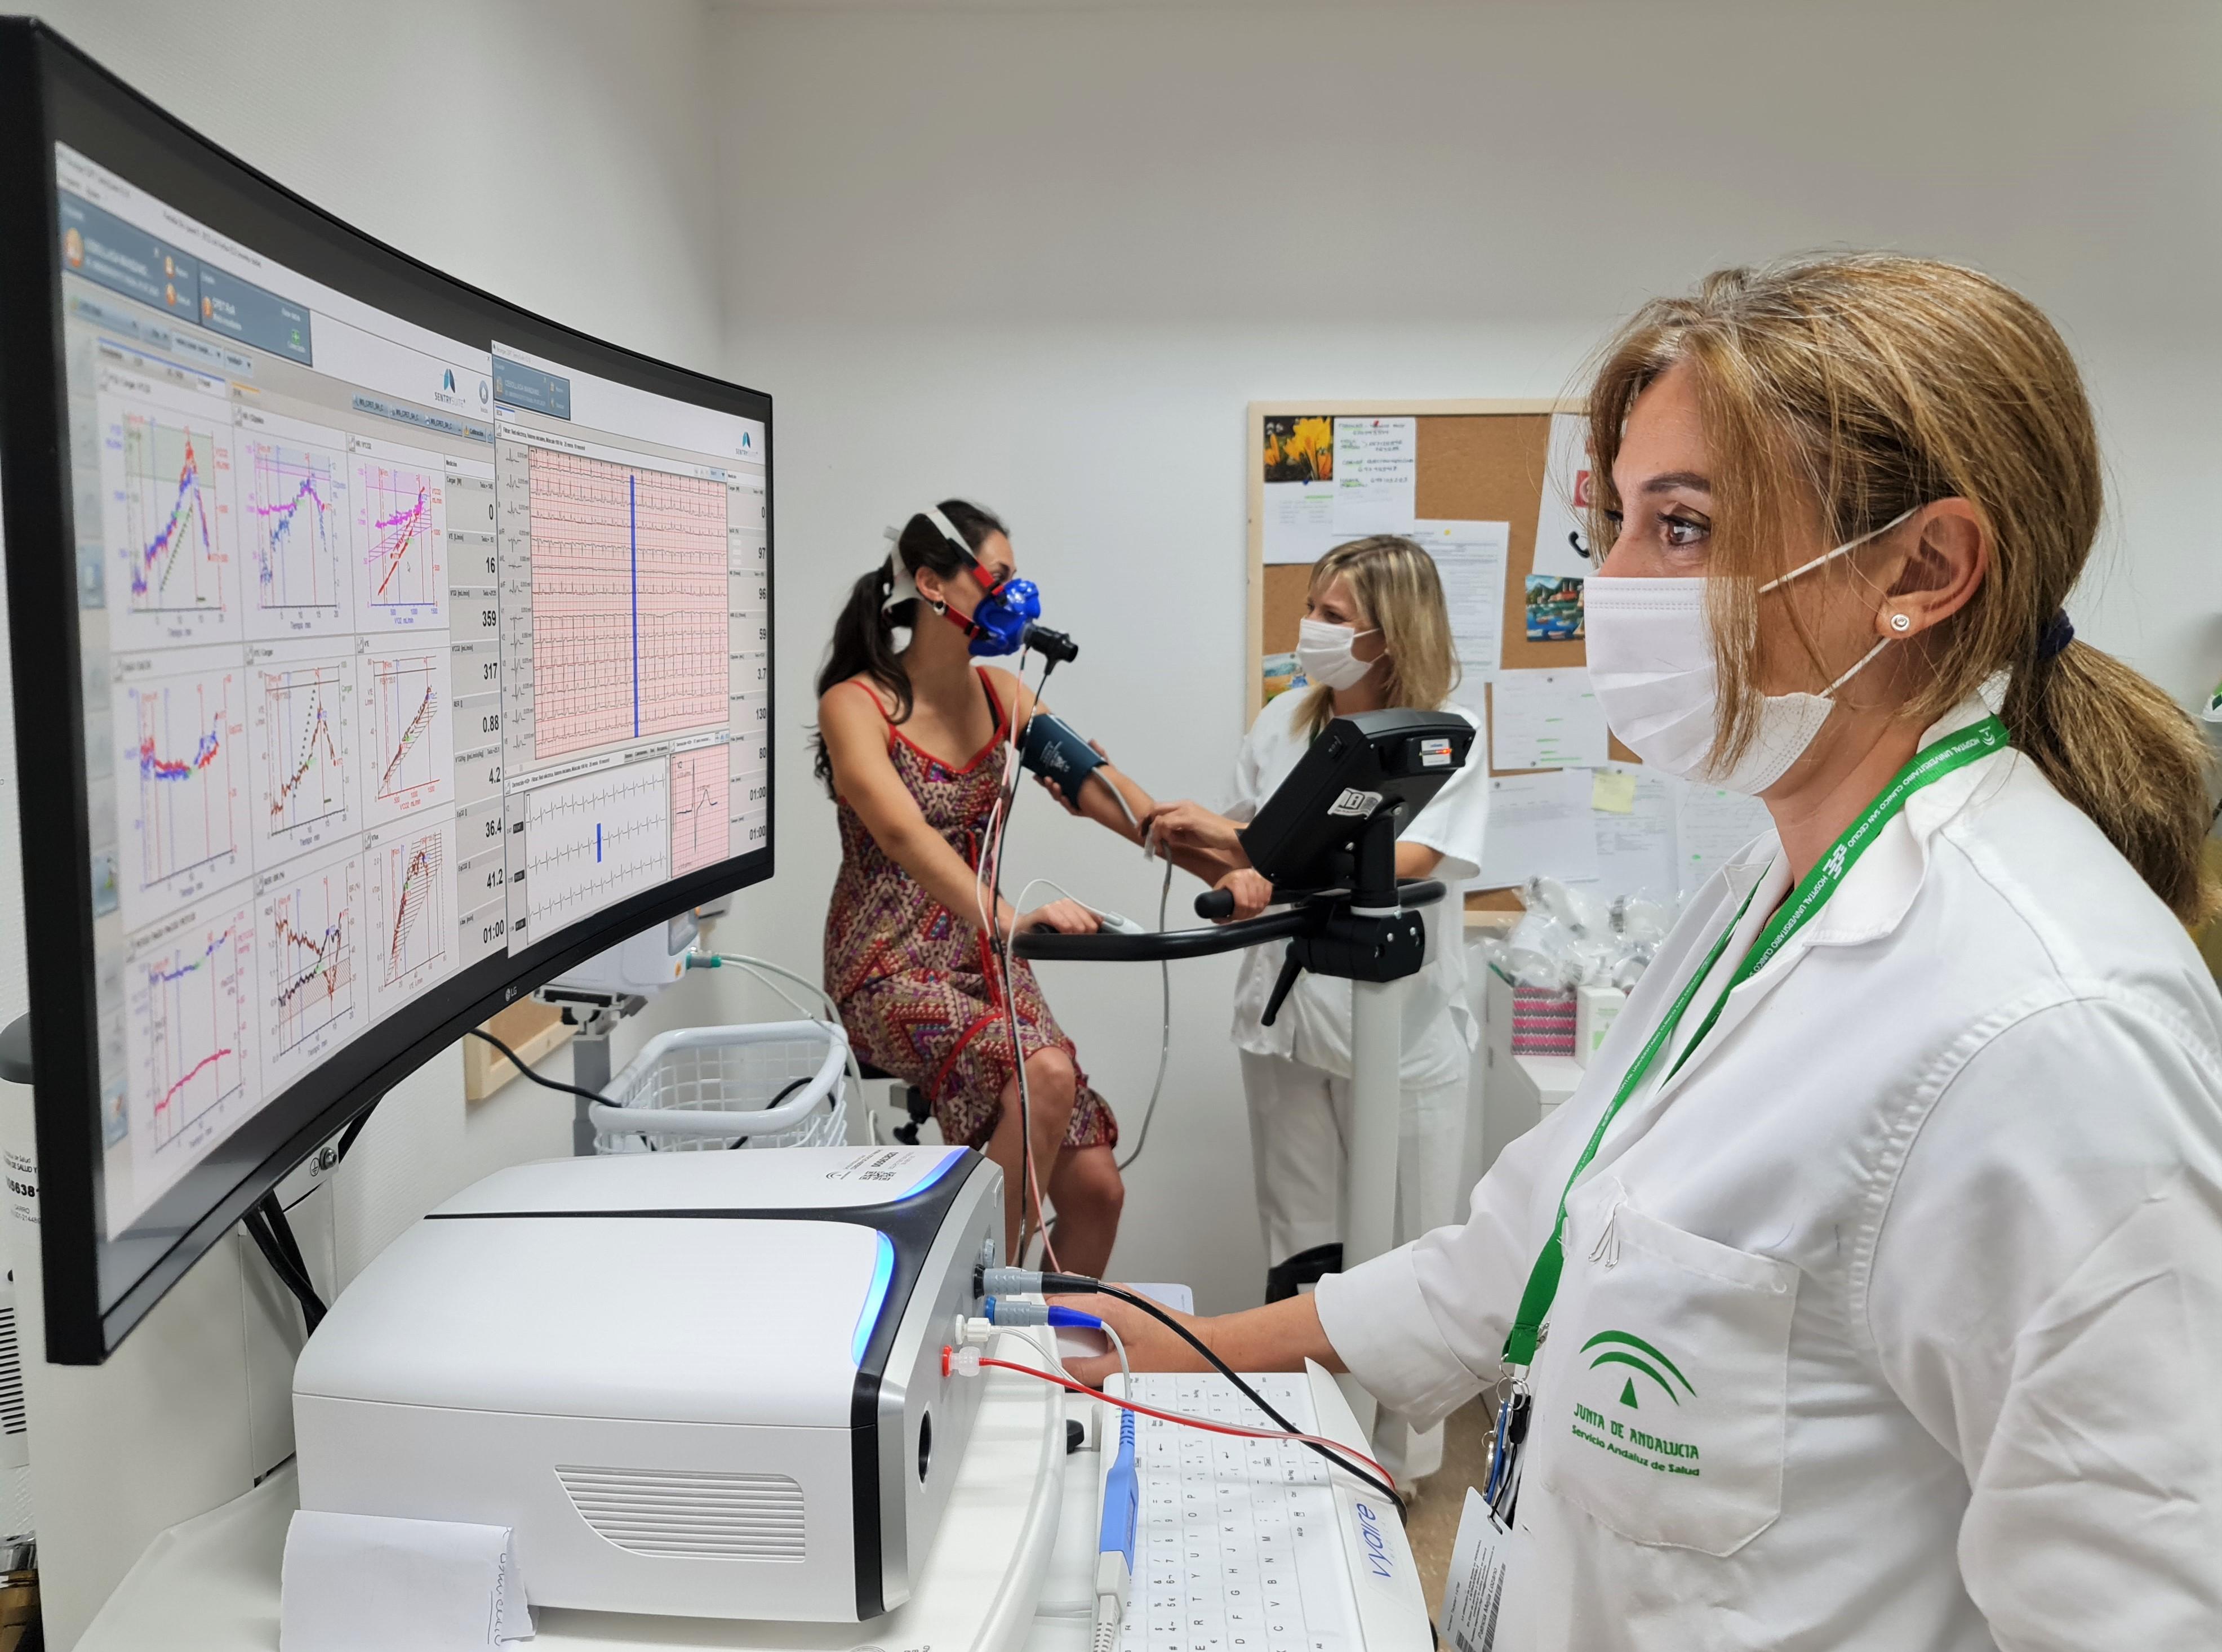 La Unidad de Exploración Funcional Respiratoria del Clínico San Cecilio amplia su capacidad para realizar pruebas gracias al nuevo equipamiento